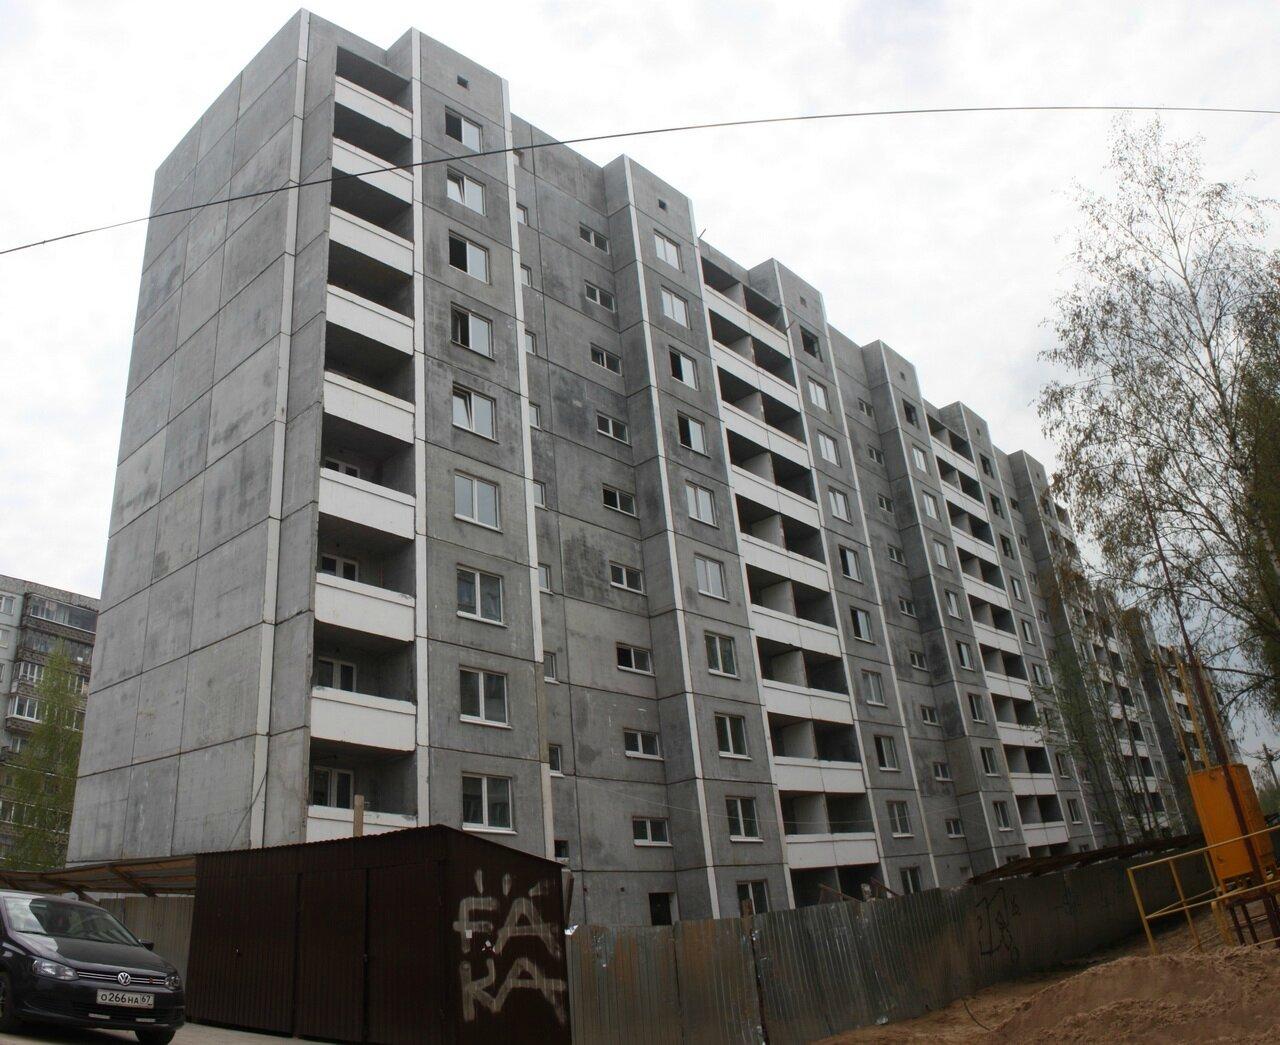 Регион: гсмоленск и облbr /район: ленинский br /адрес: петра алексеева д 2/37 br /br /br /вид недвижимости